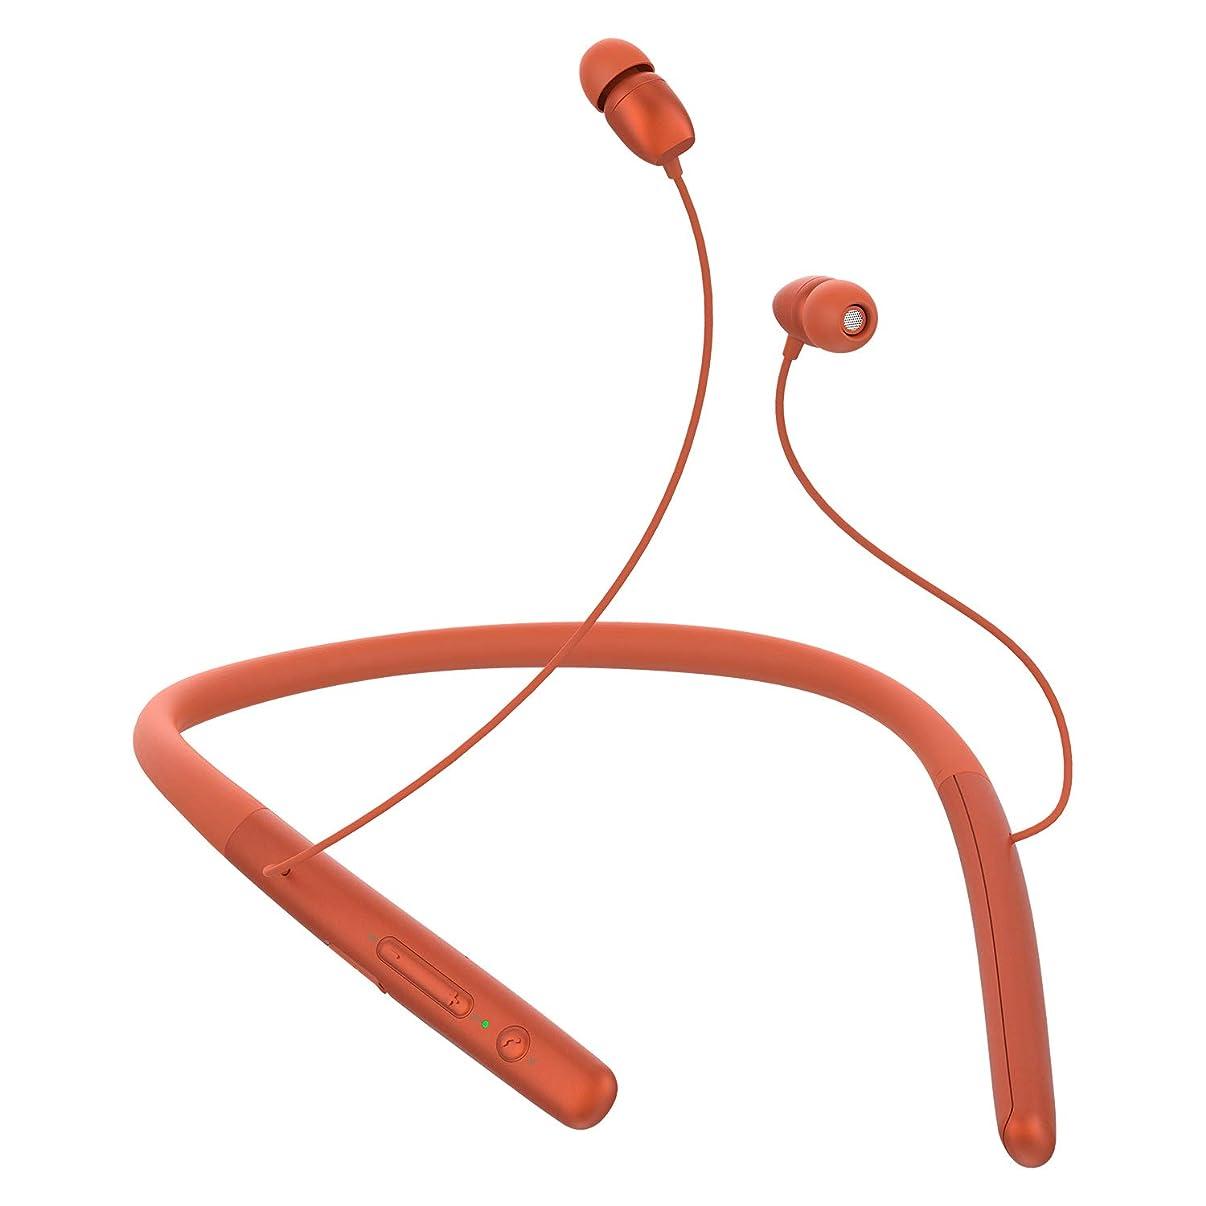 息切れ博物館鋭くIPX5 完全防水 ROMAN Bluetooth イヤホン ネックバンド 両耳 高音質 スポーツ用 8時間連続再生 低音重視 マイク内蔵 ハンズフリー通話 CSRチップ 搭載 防水防汗 iPhone Android対応(オレンジ)